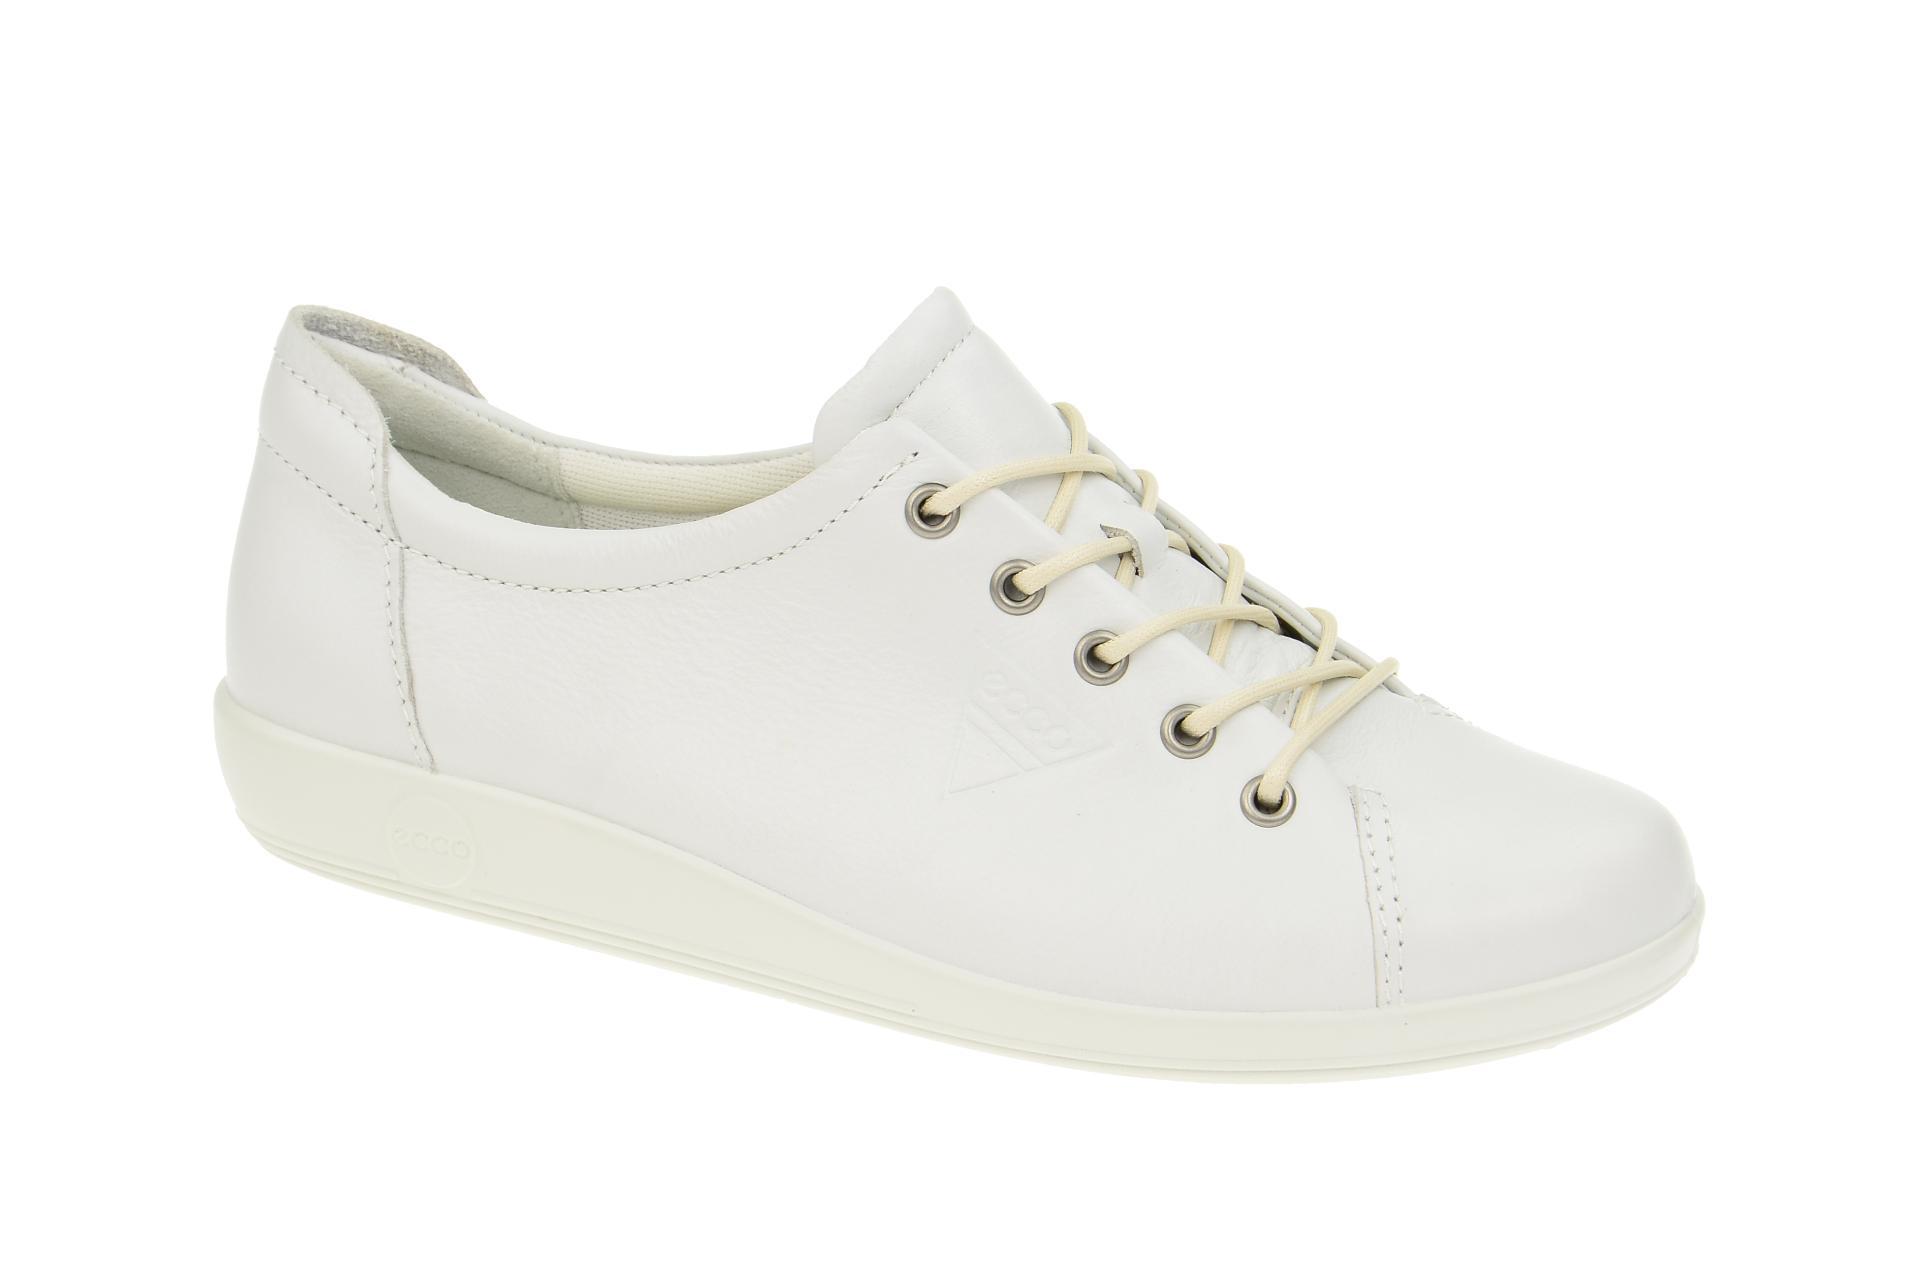 8be611cba6e104 Ecco Soft 2 Schuhe weiß Damen Schnürer - Schuhhaus Strauch Shop